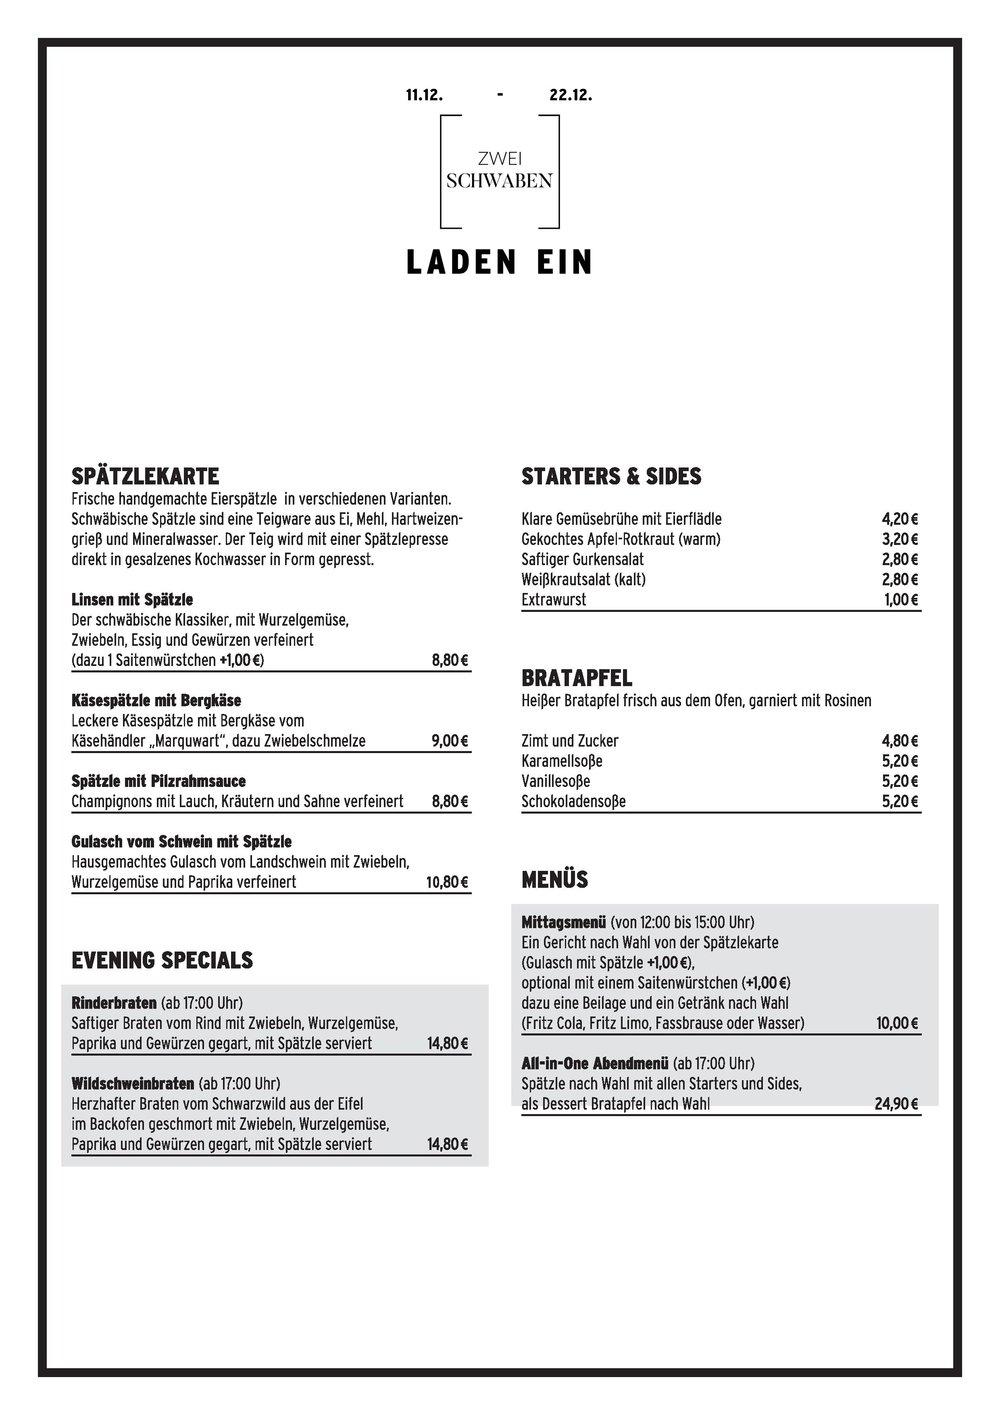 LadenEin_ZweiSchwaben_Speisekarte_DINA4-v3-page-001.jpg